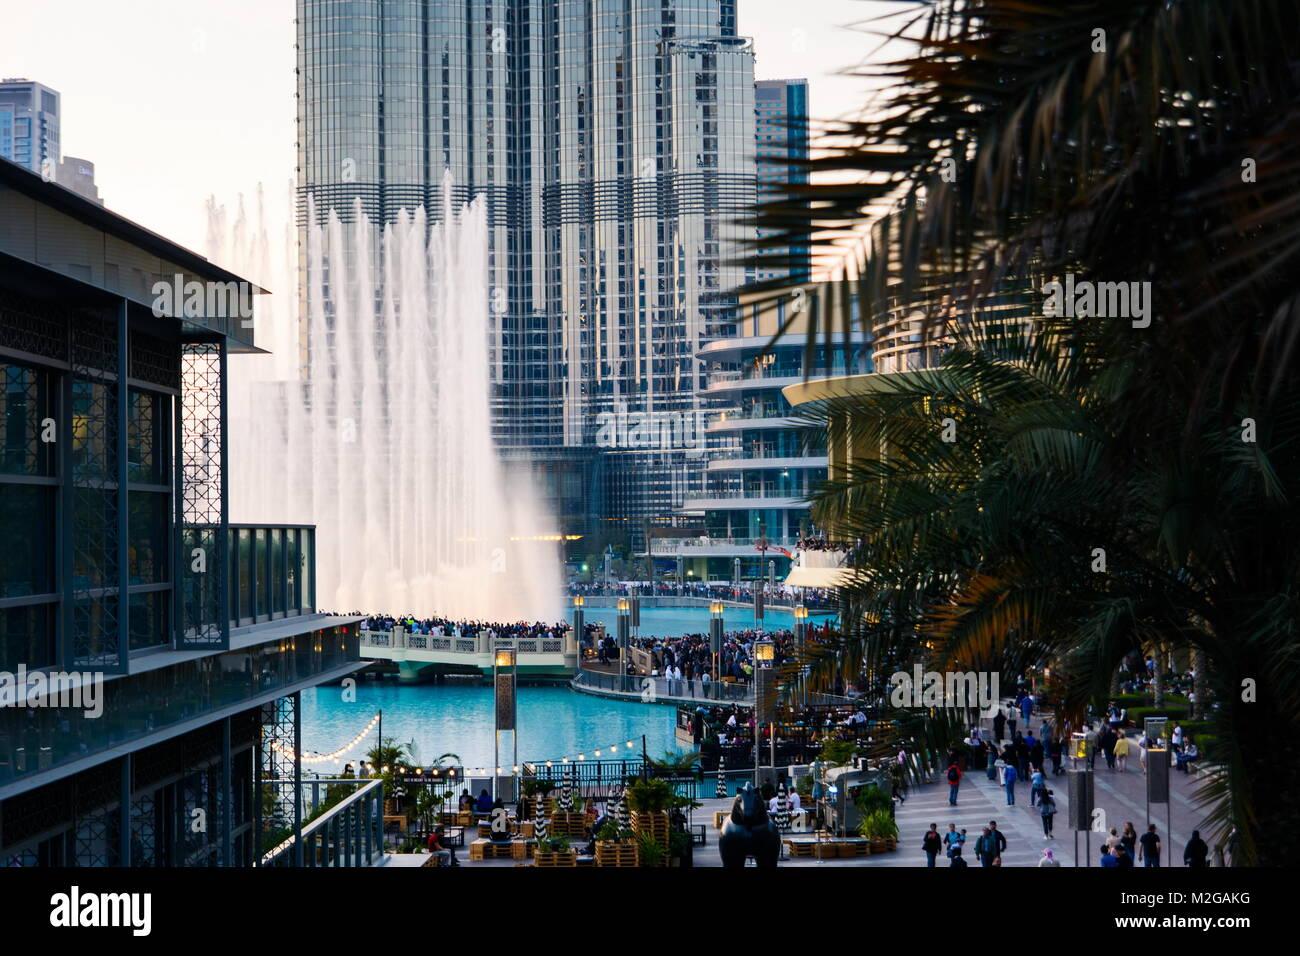 DUBAI, Emirati Arabi Uniti - 5 febbraio 2018: folla si raduna attorno al Dubai Mall fontana per vedere l'acqua Immagini Stock